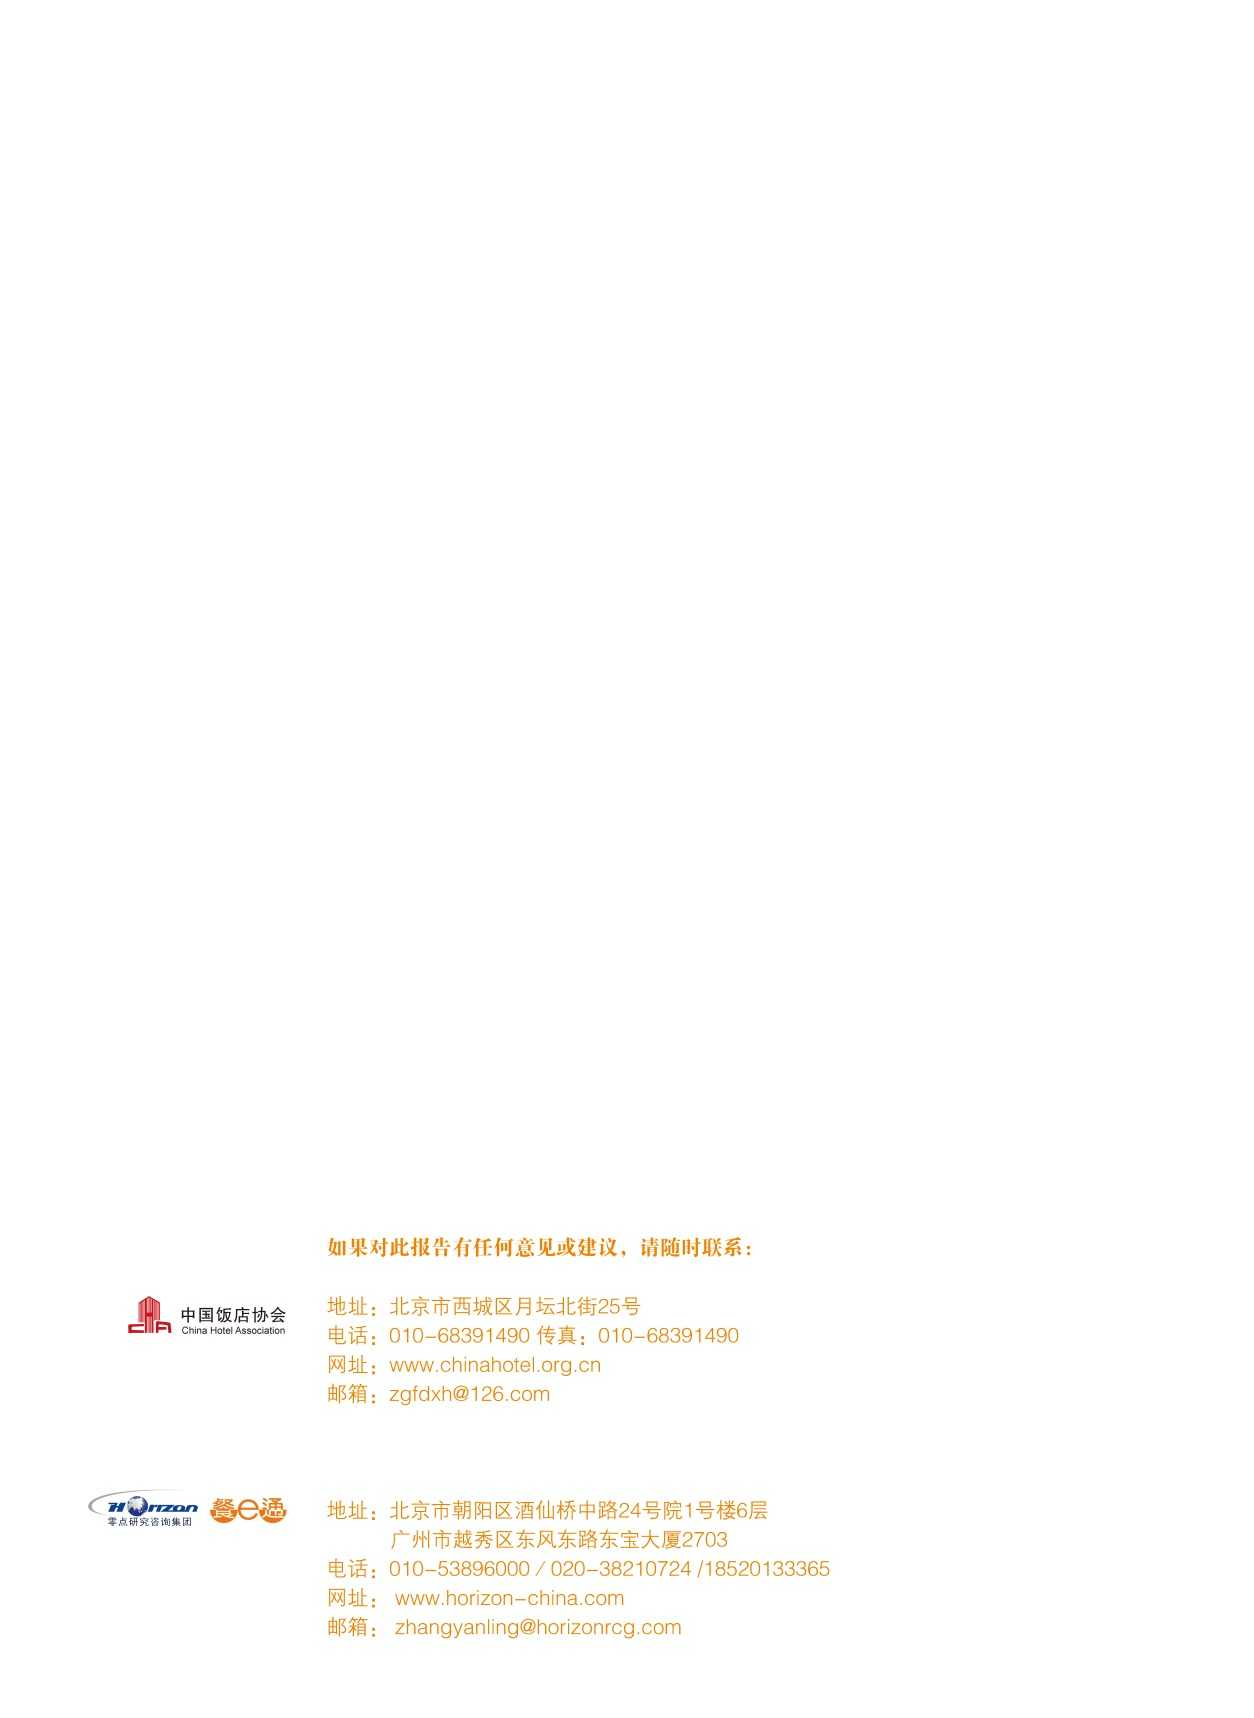 2015中国餐饮消费需求大数据分析报告_000068